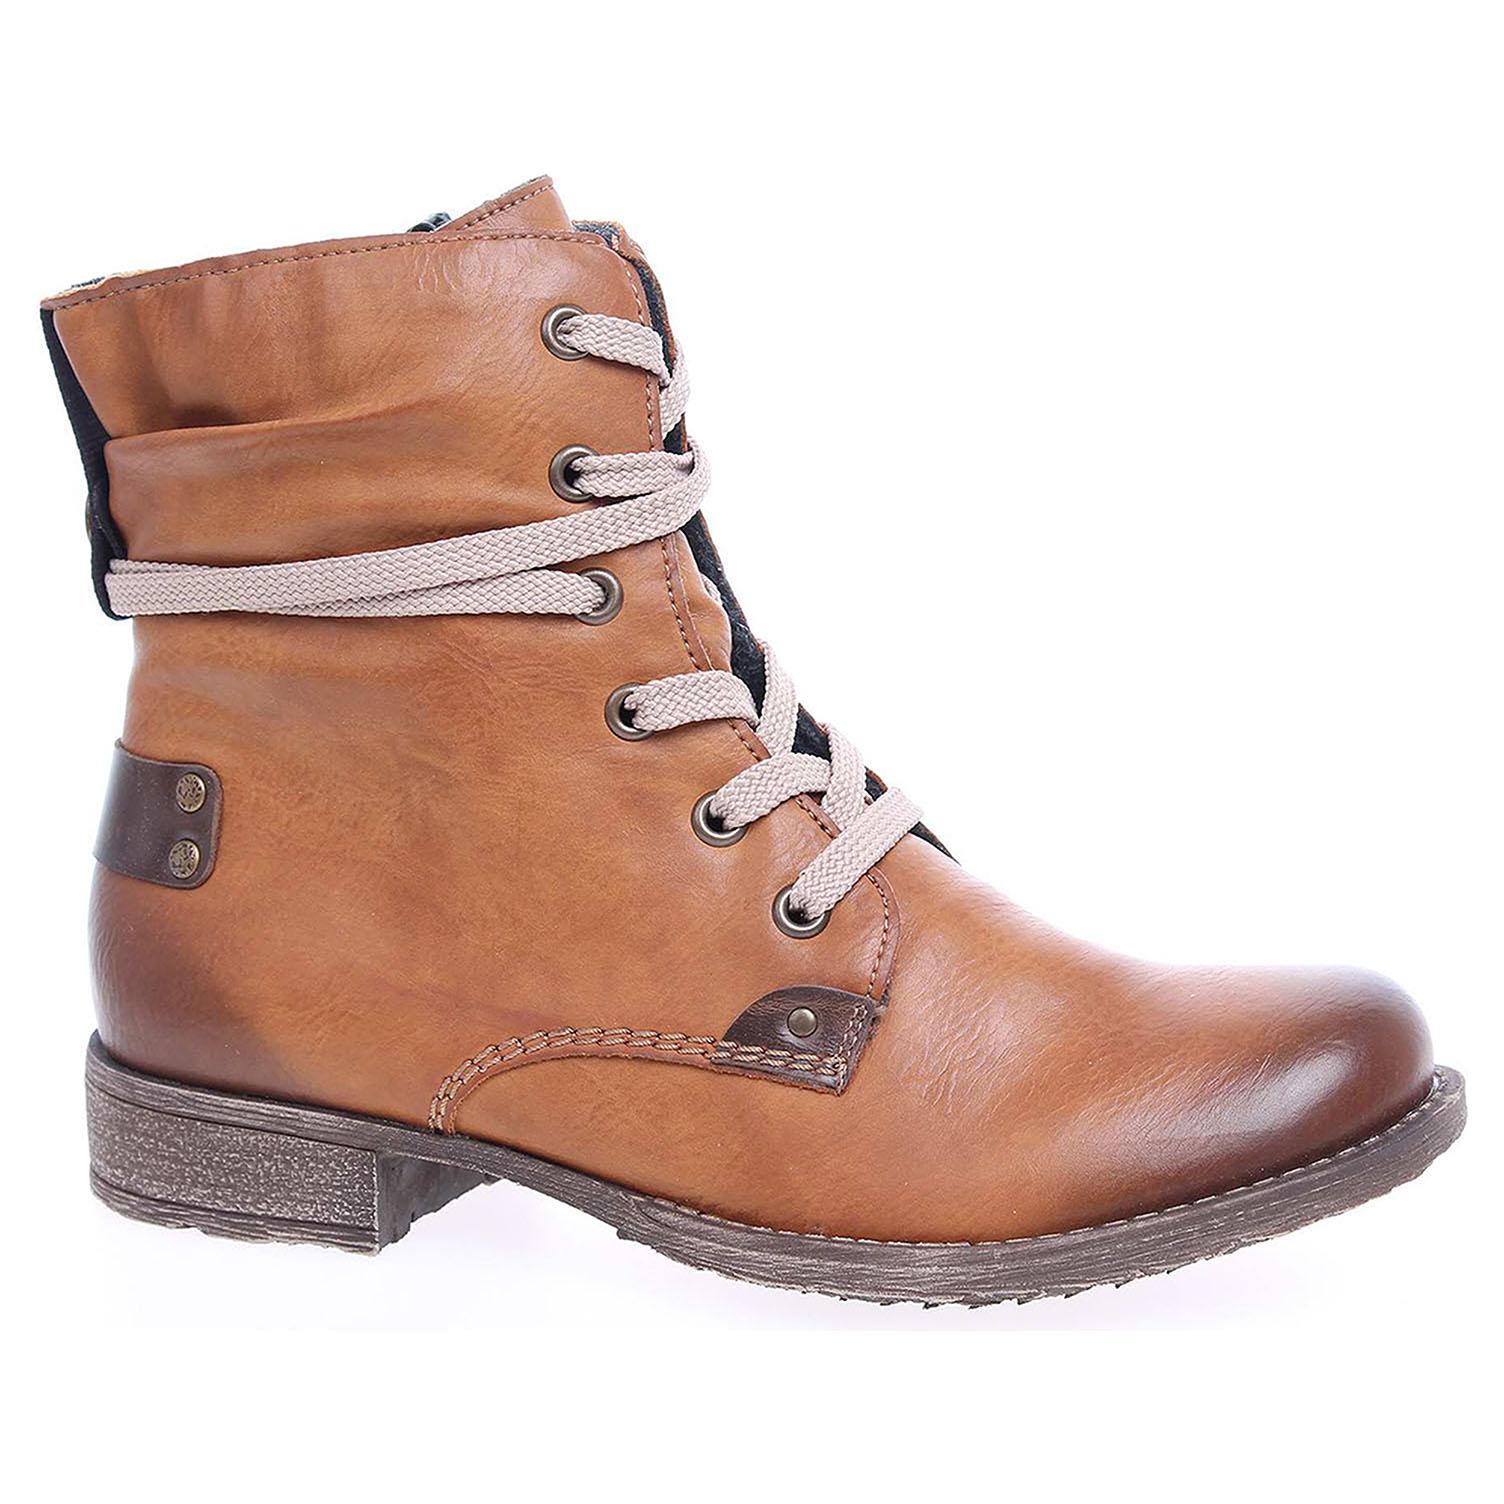 Dámská kotníková obuv Rieker 70820-24 braun 70820-24 39